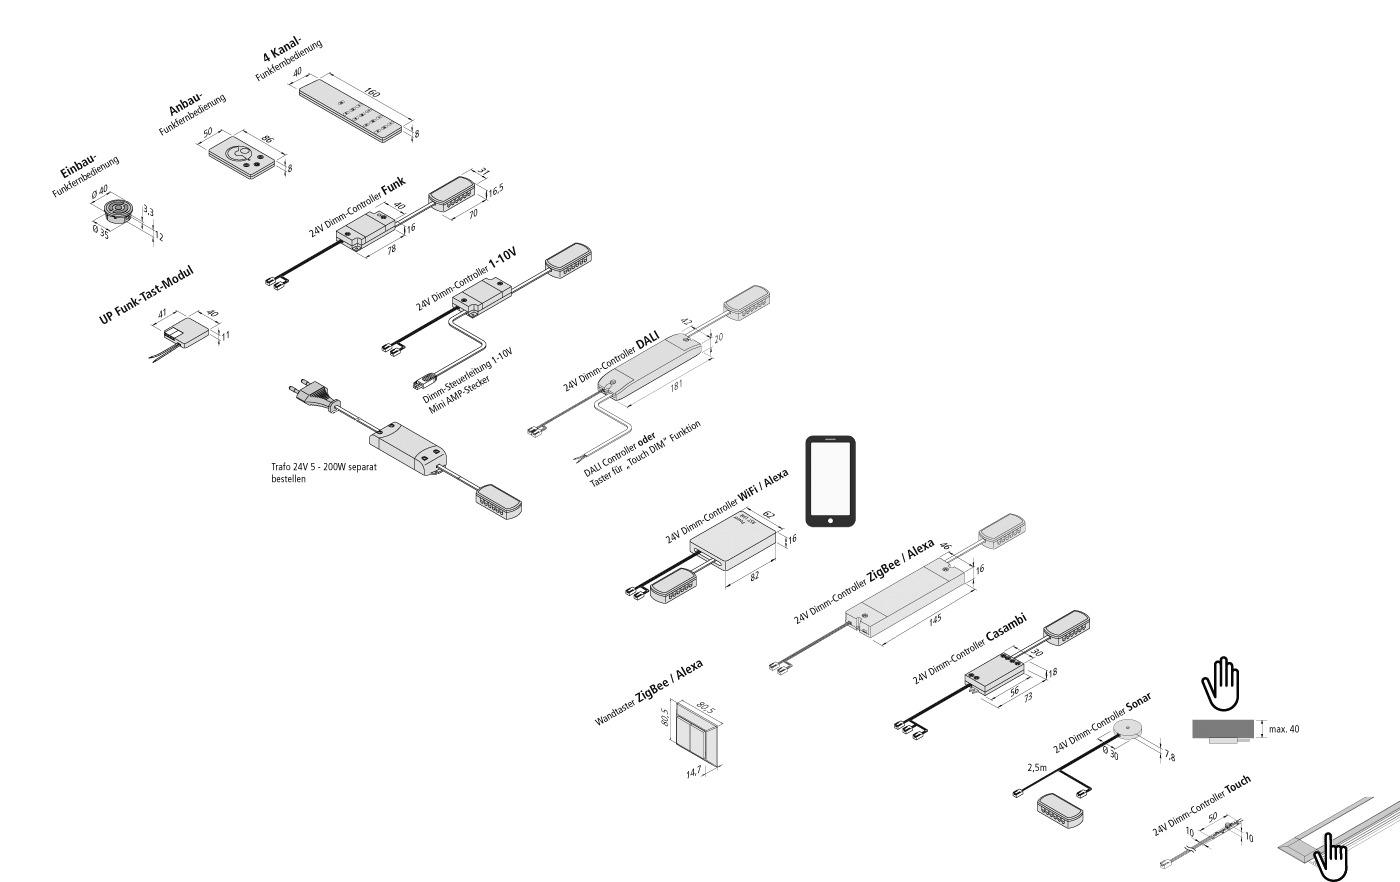 Vorschau: LED-24-Dimmcontroller_2015_de